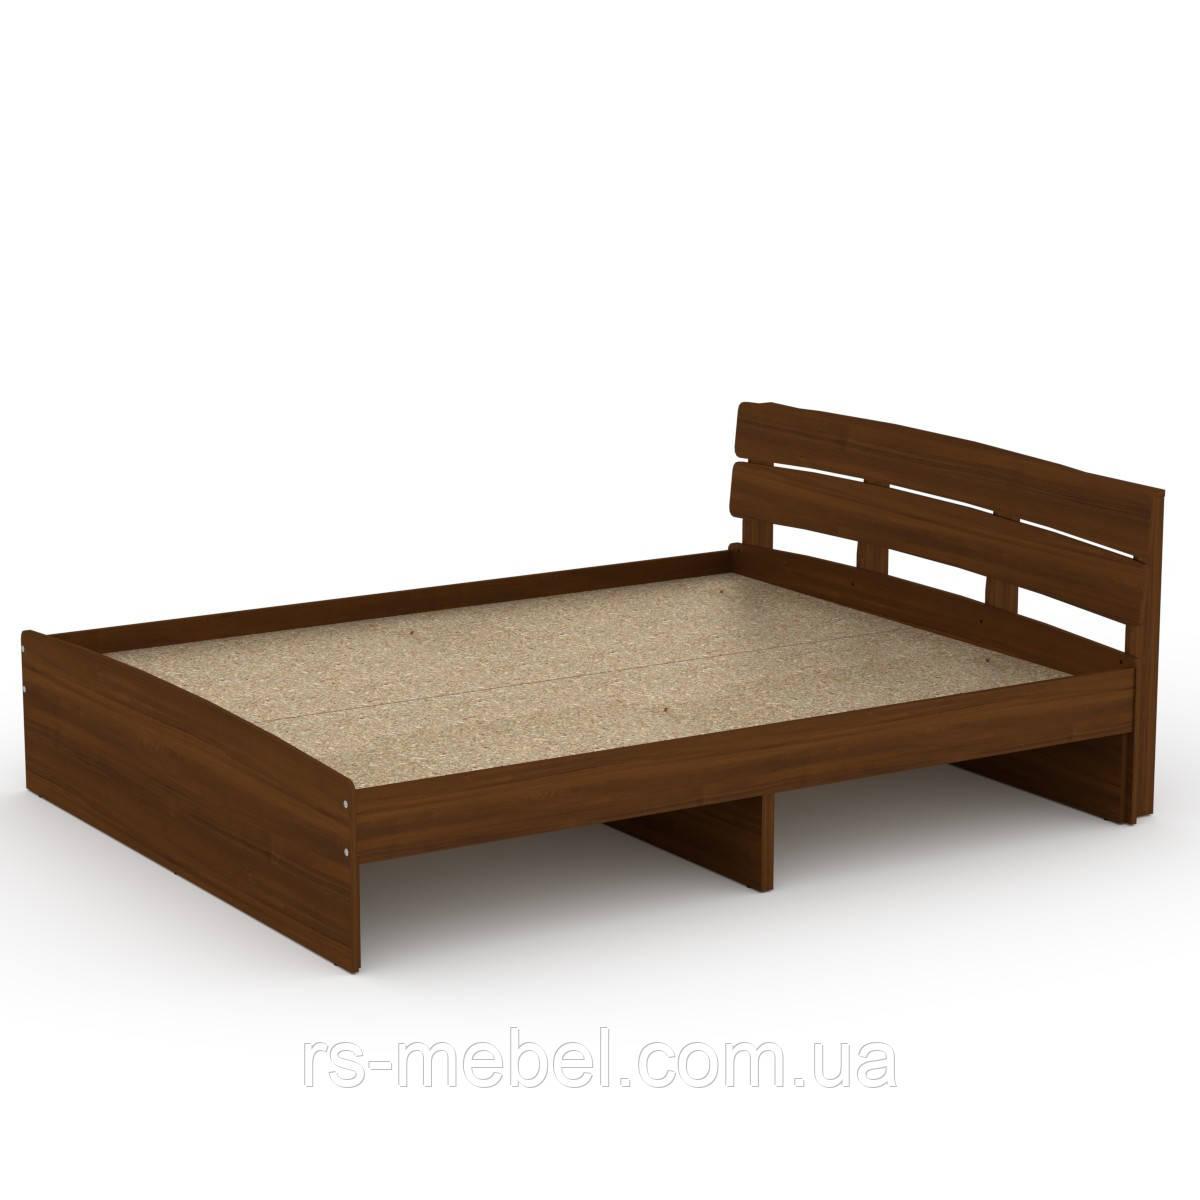 """Ліжко """"Модерн-140"""", дсп (Компаніт)"""